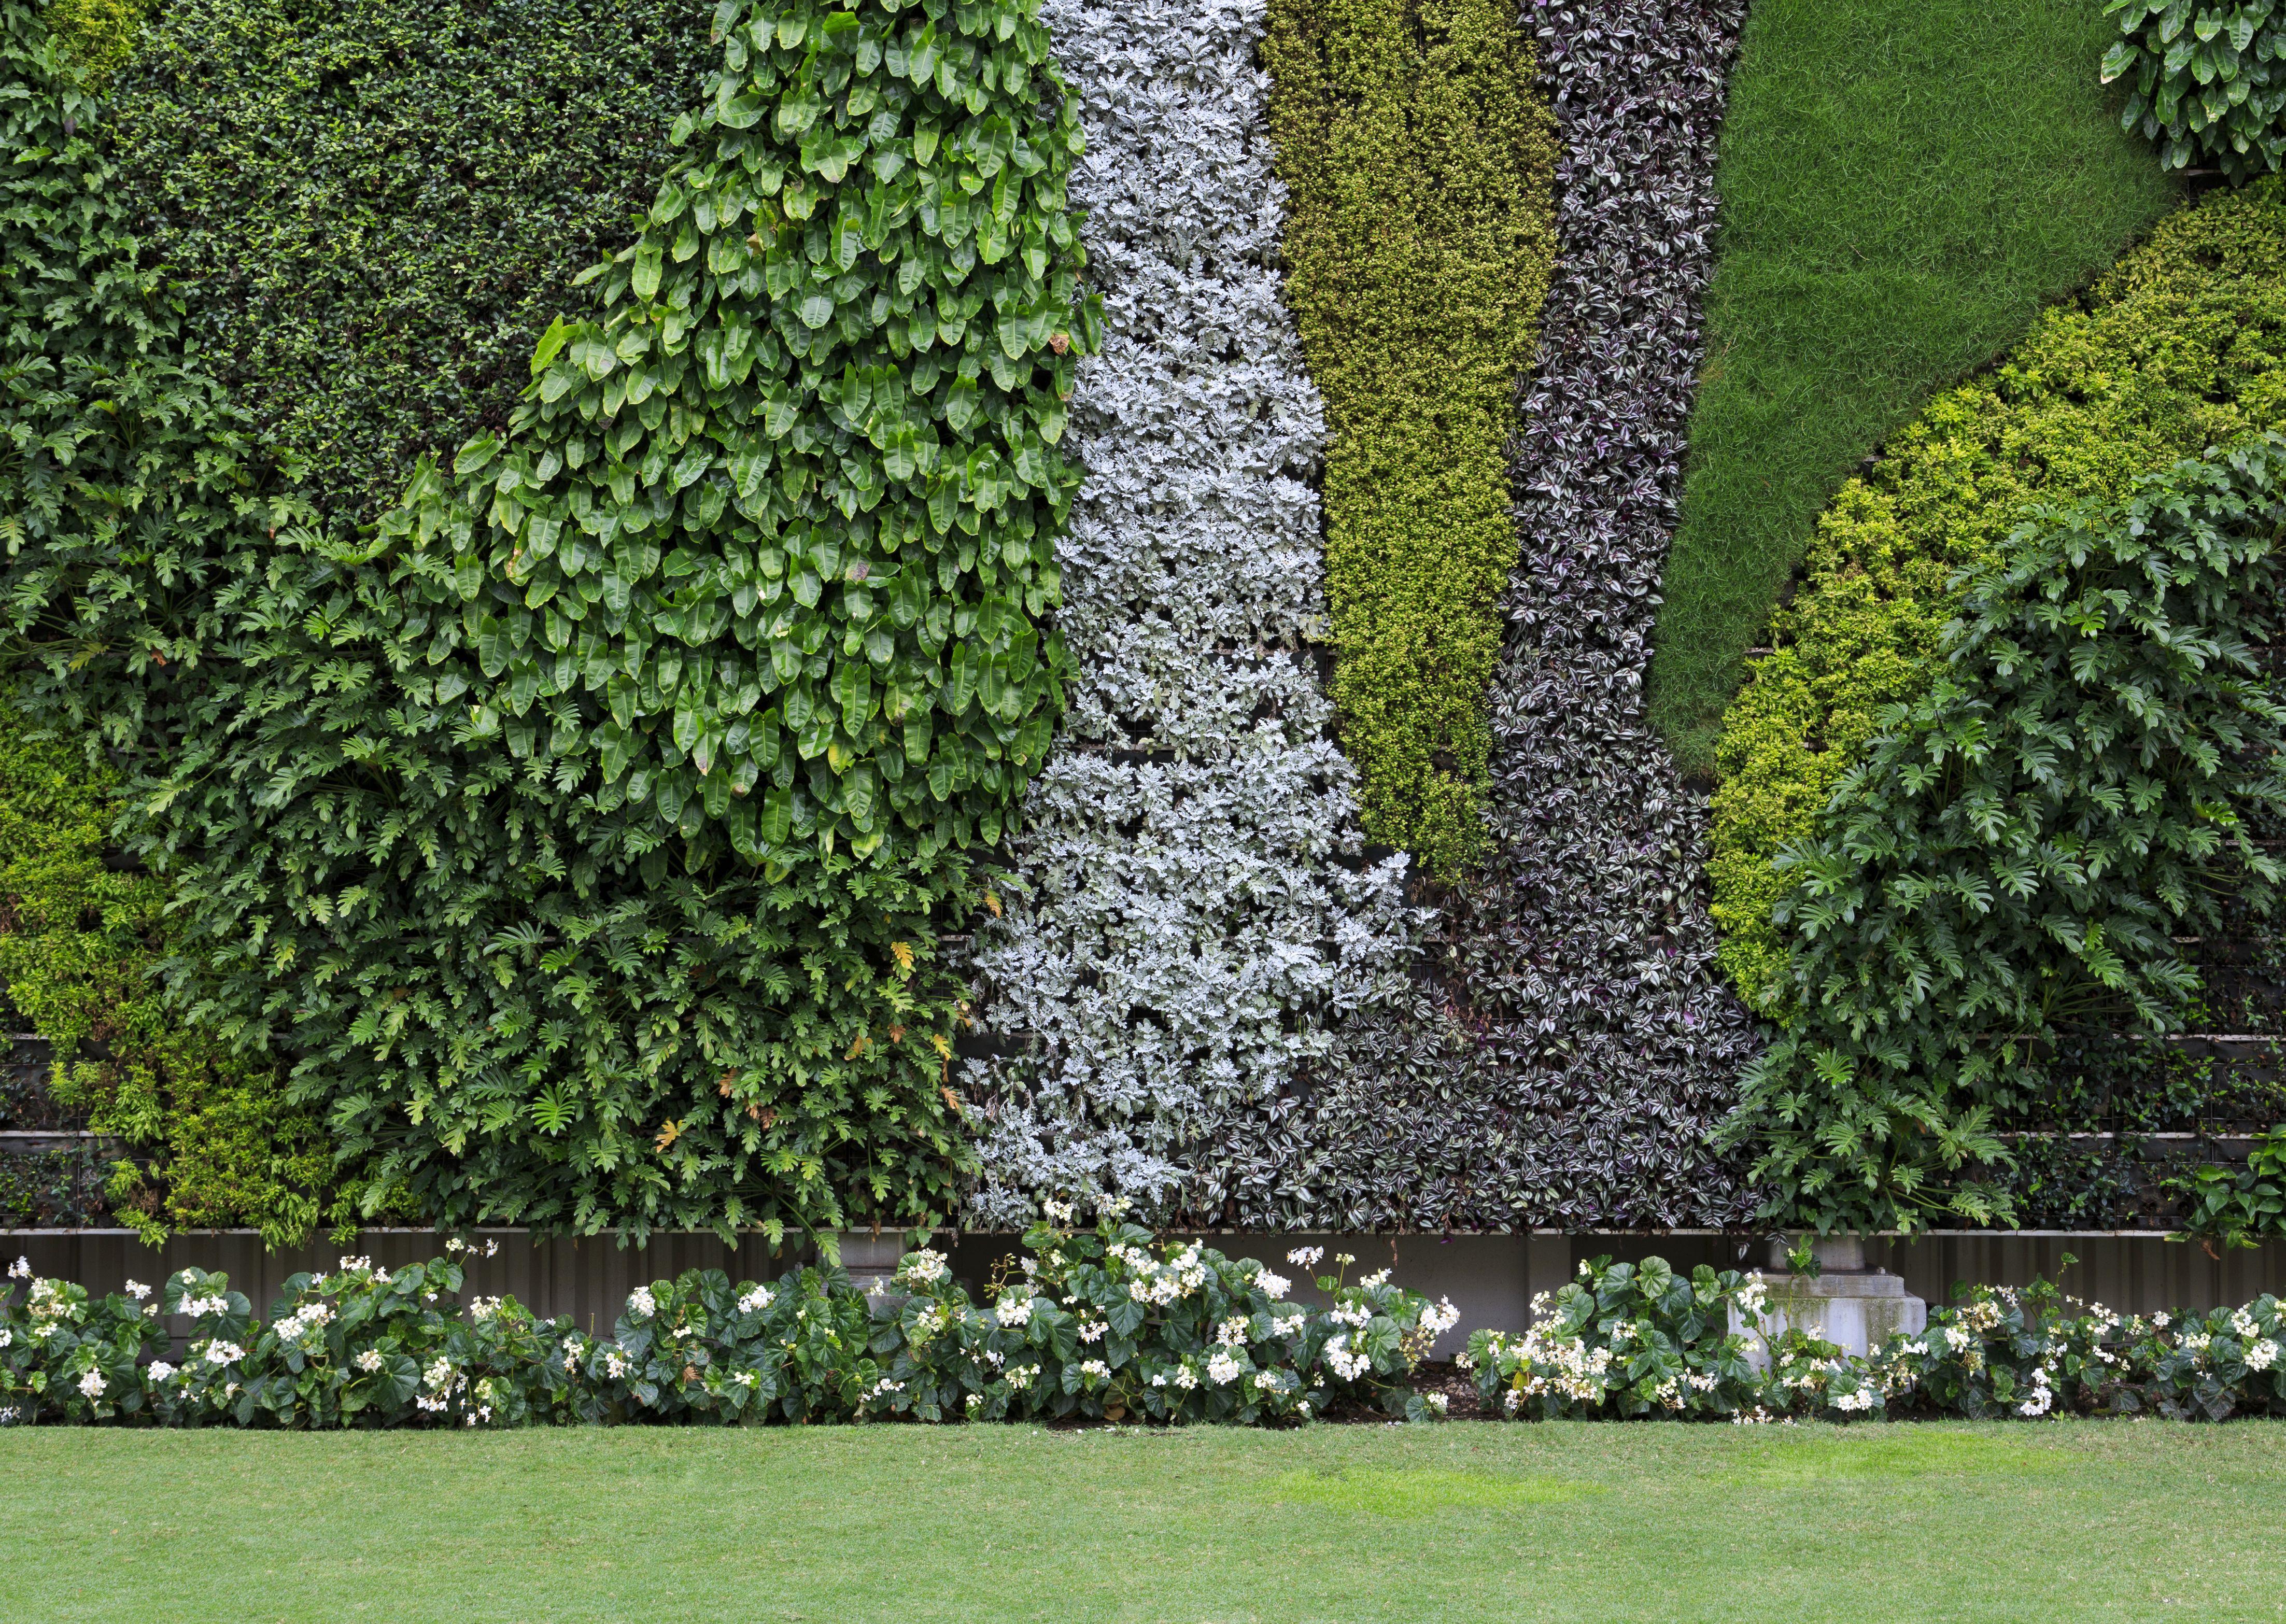 Jardines verticales para tu casa o negocio Jardines verticales baratos